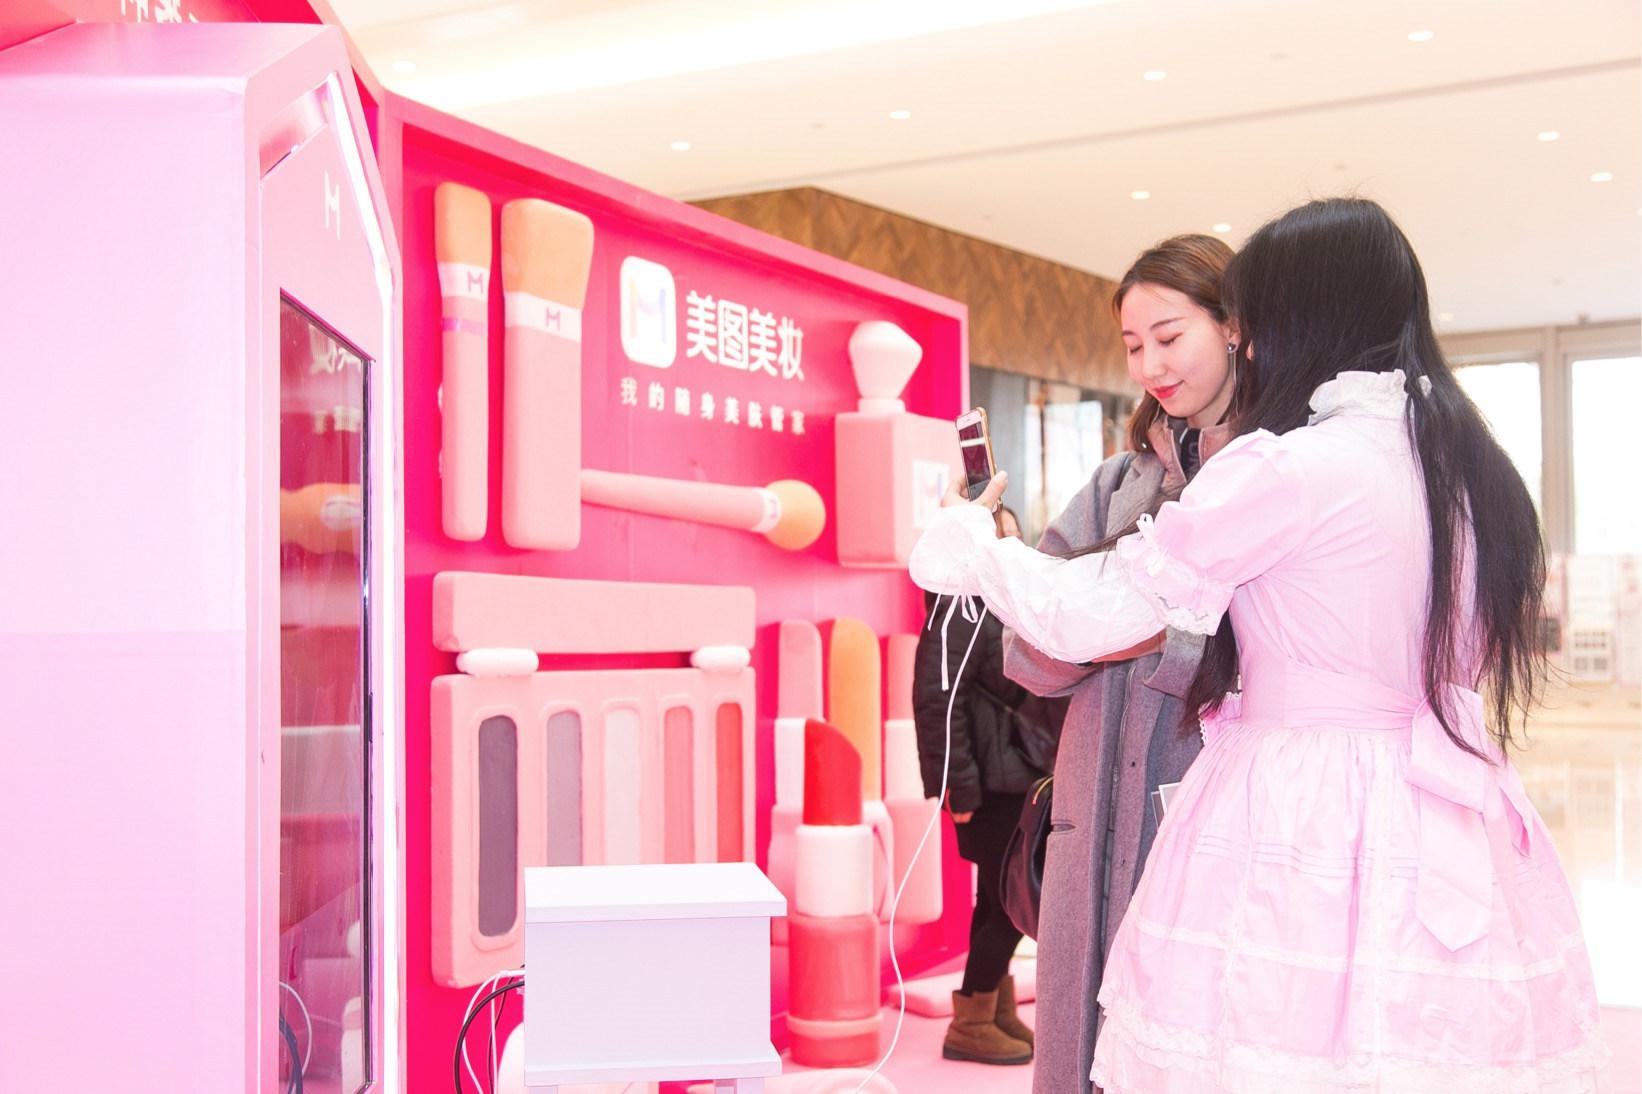 美妆电商跌宕十年,跨境模式能否让其重新崛起?